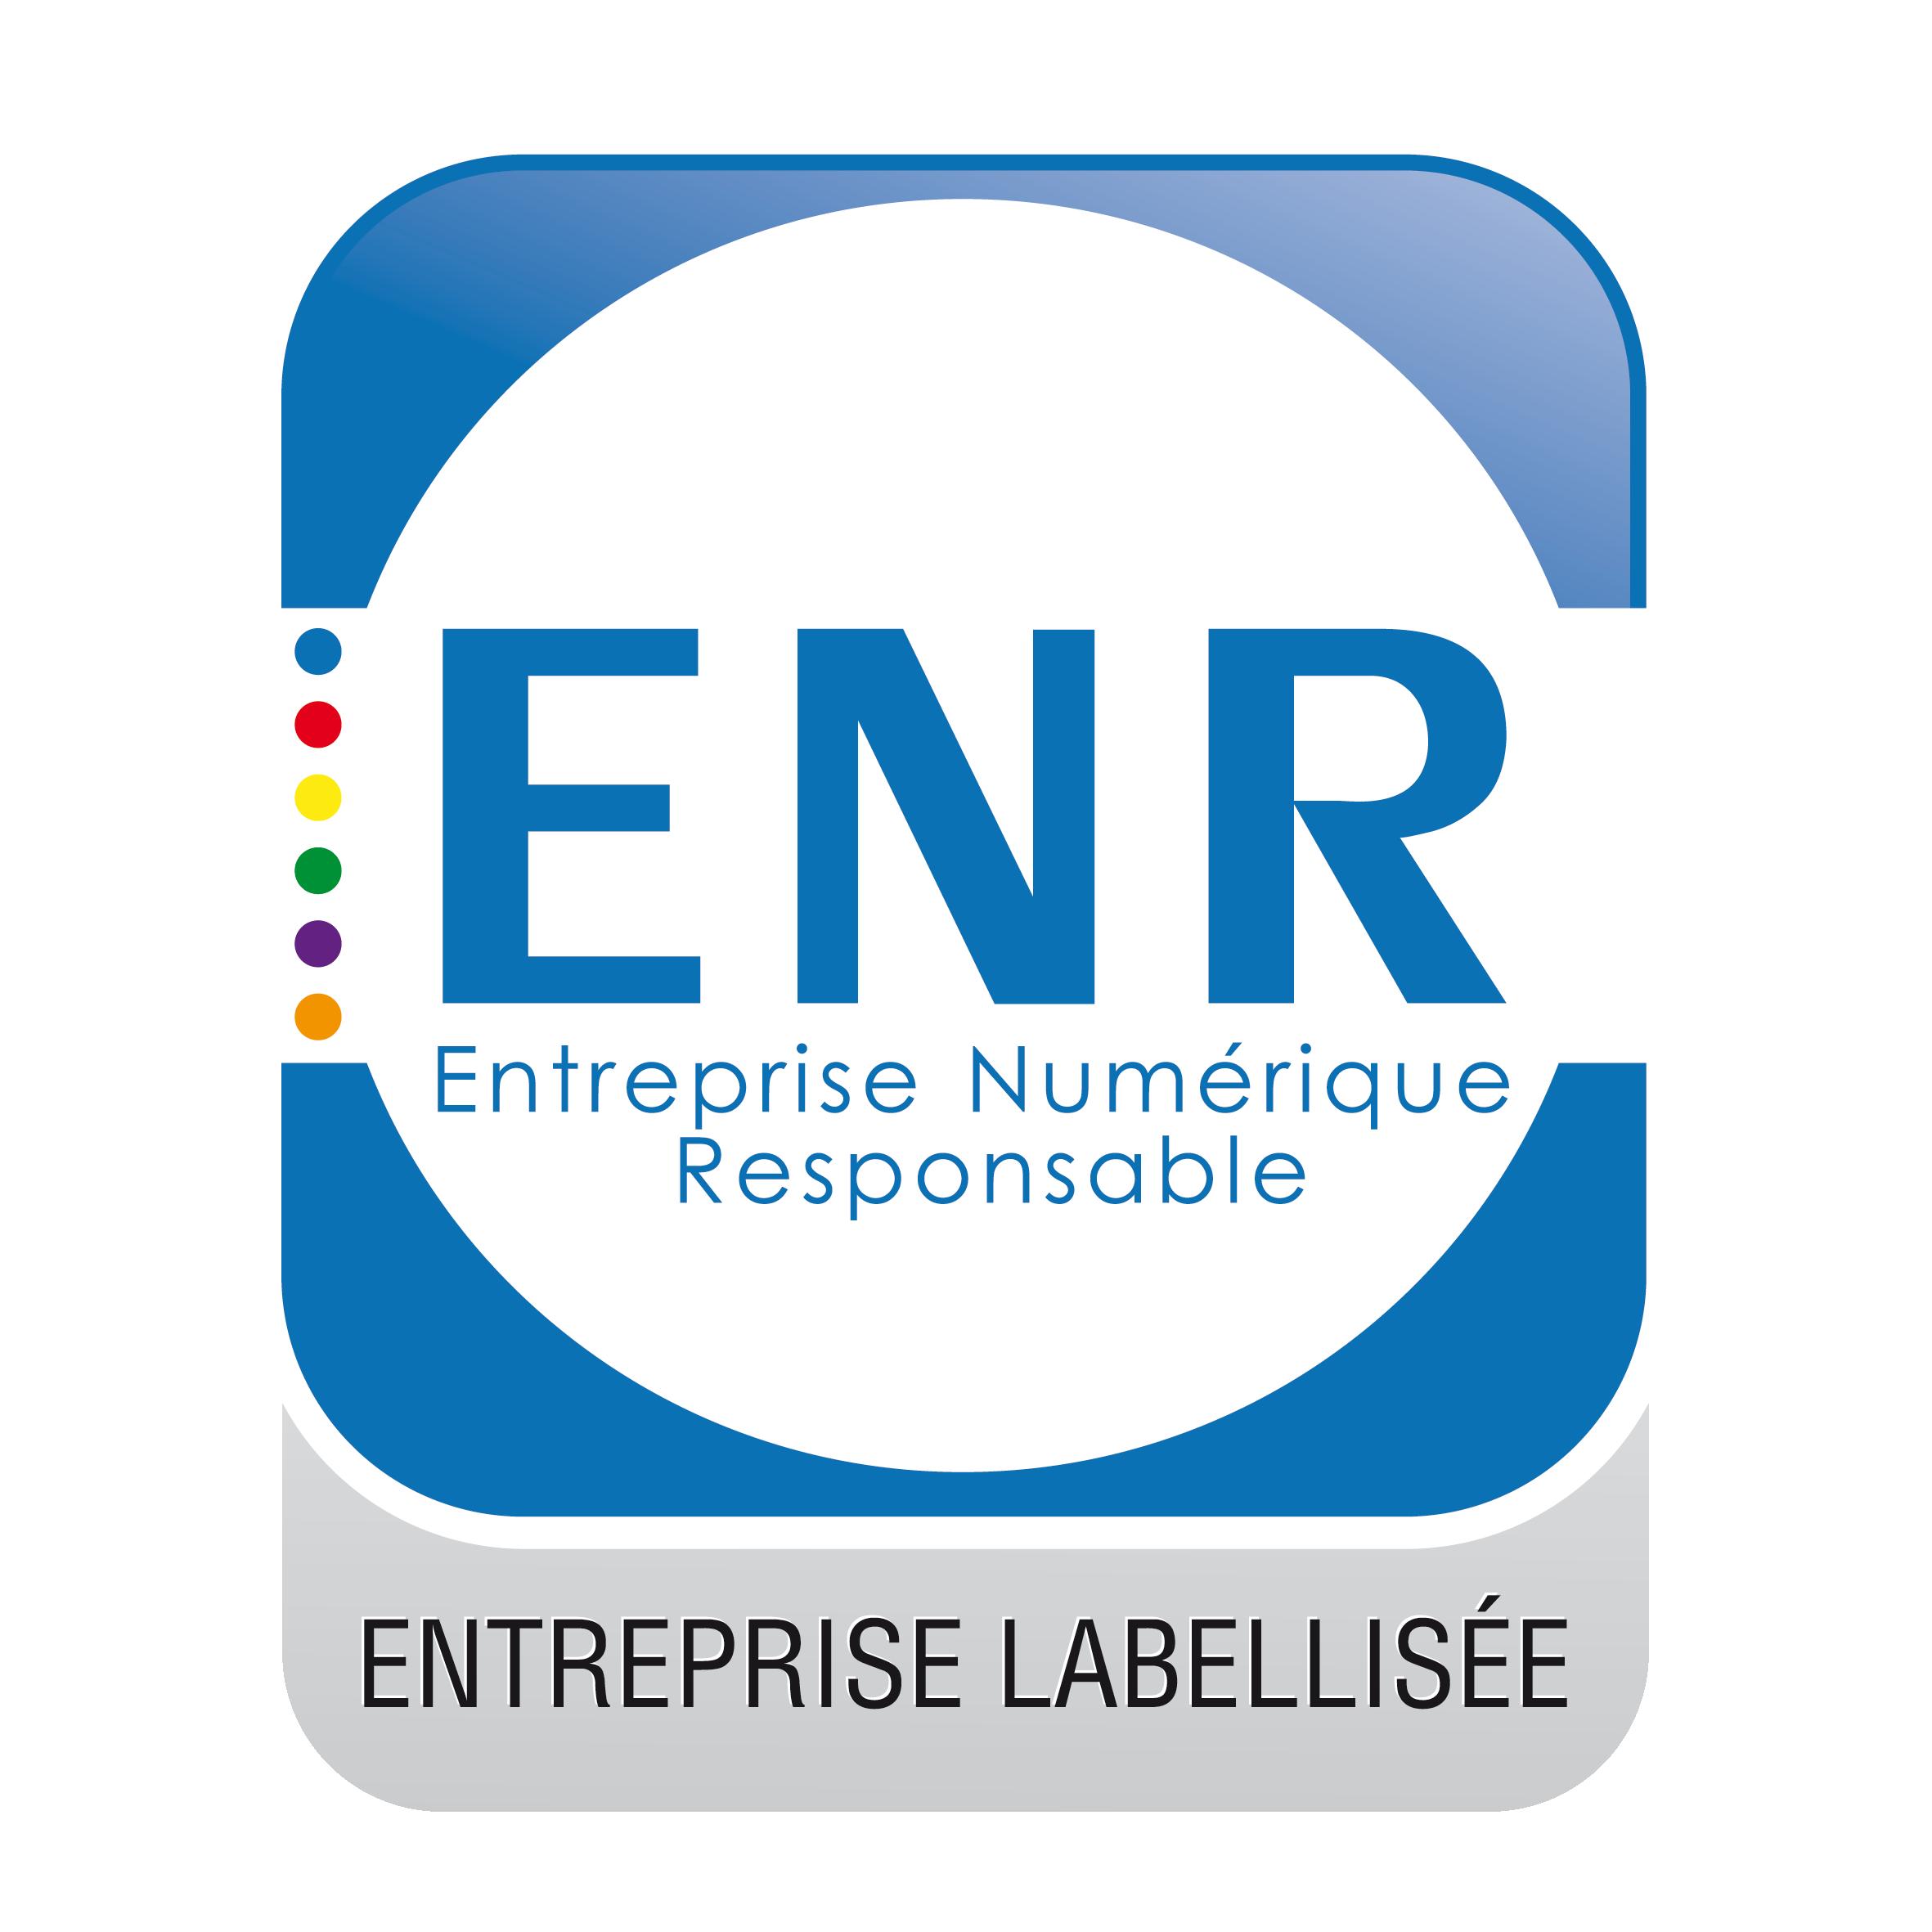 Entreprise labellisée ENR